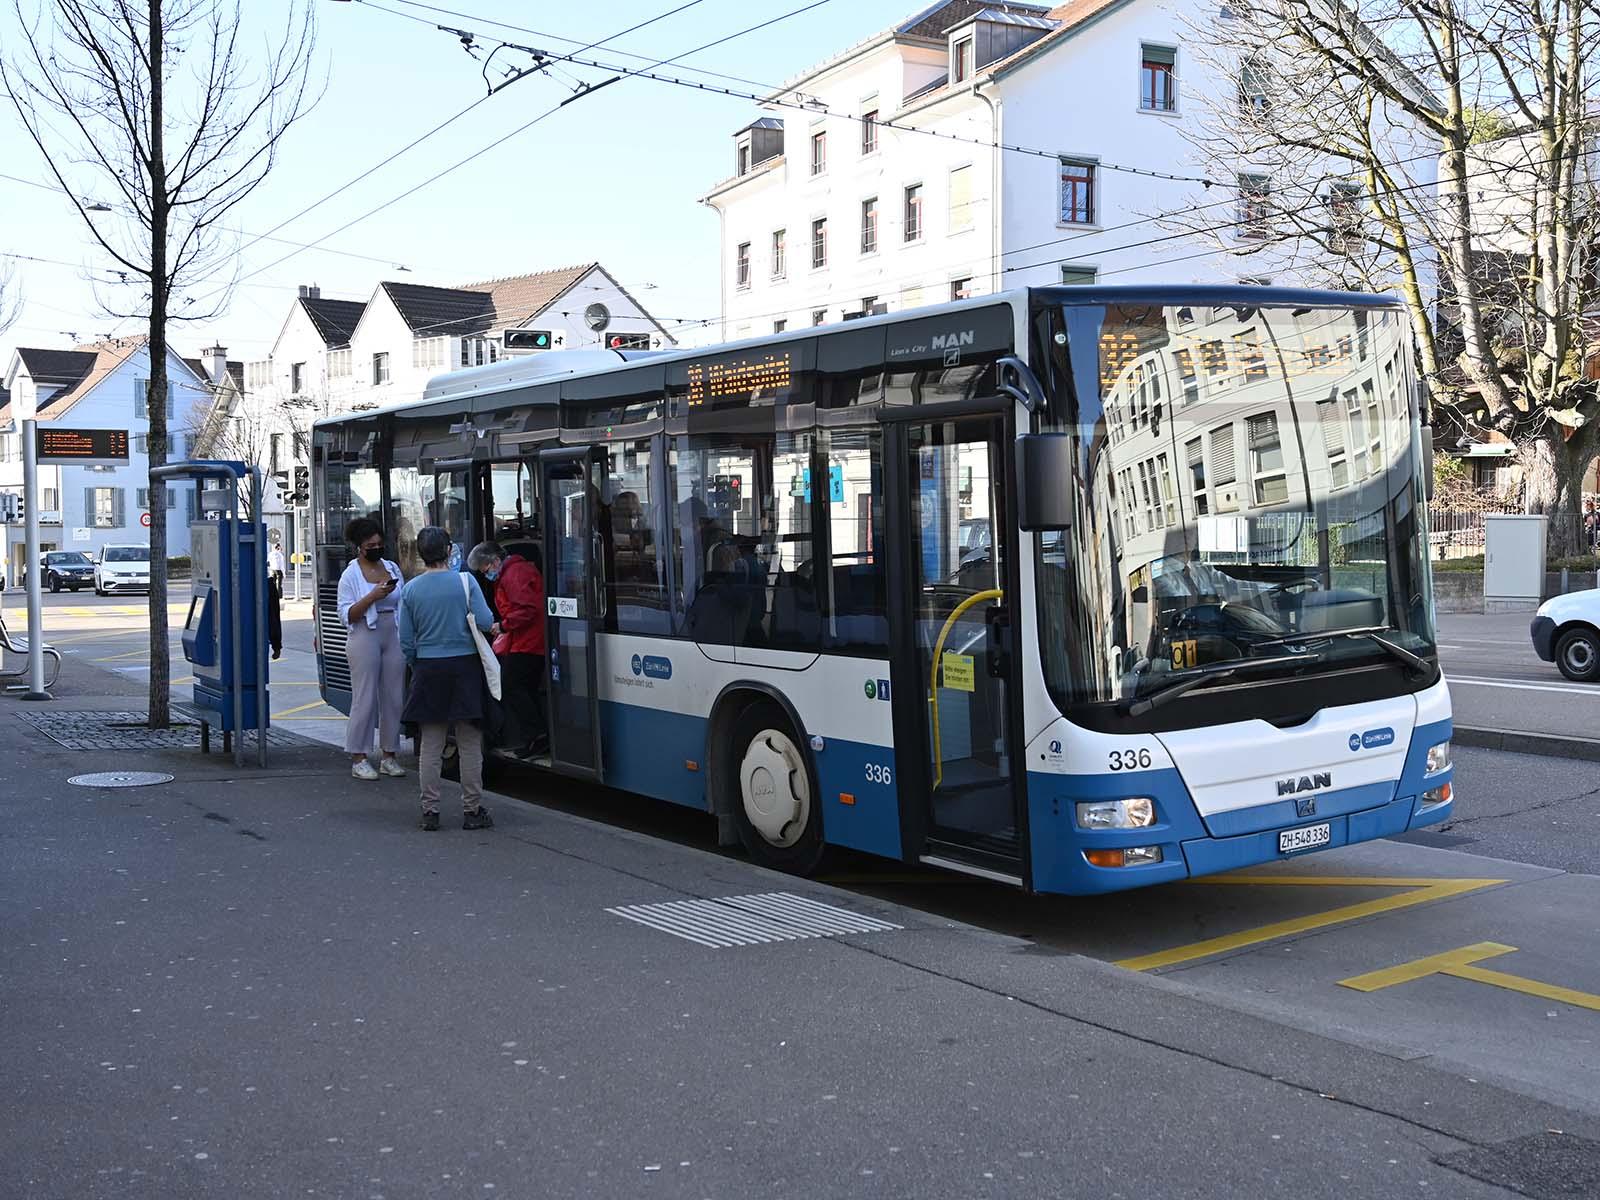 Die Busverbindung zwischen Stadtspital Waid und Friedhof Hönggerberg ist vor allem für ältere Anwohner*innen, die an den Hangstrassen leben, wichtig.